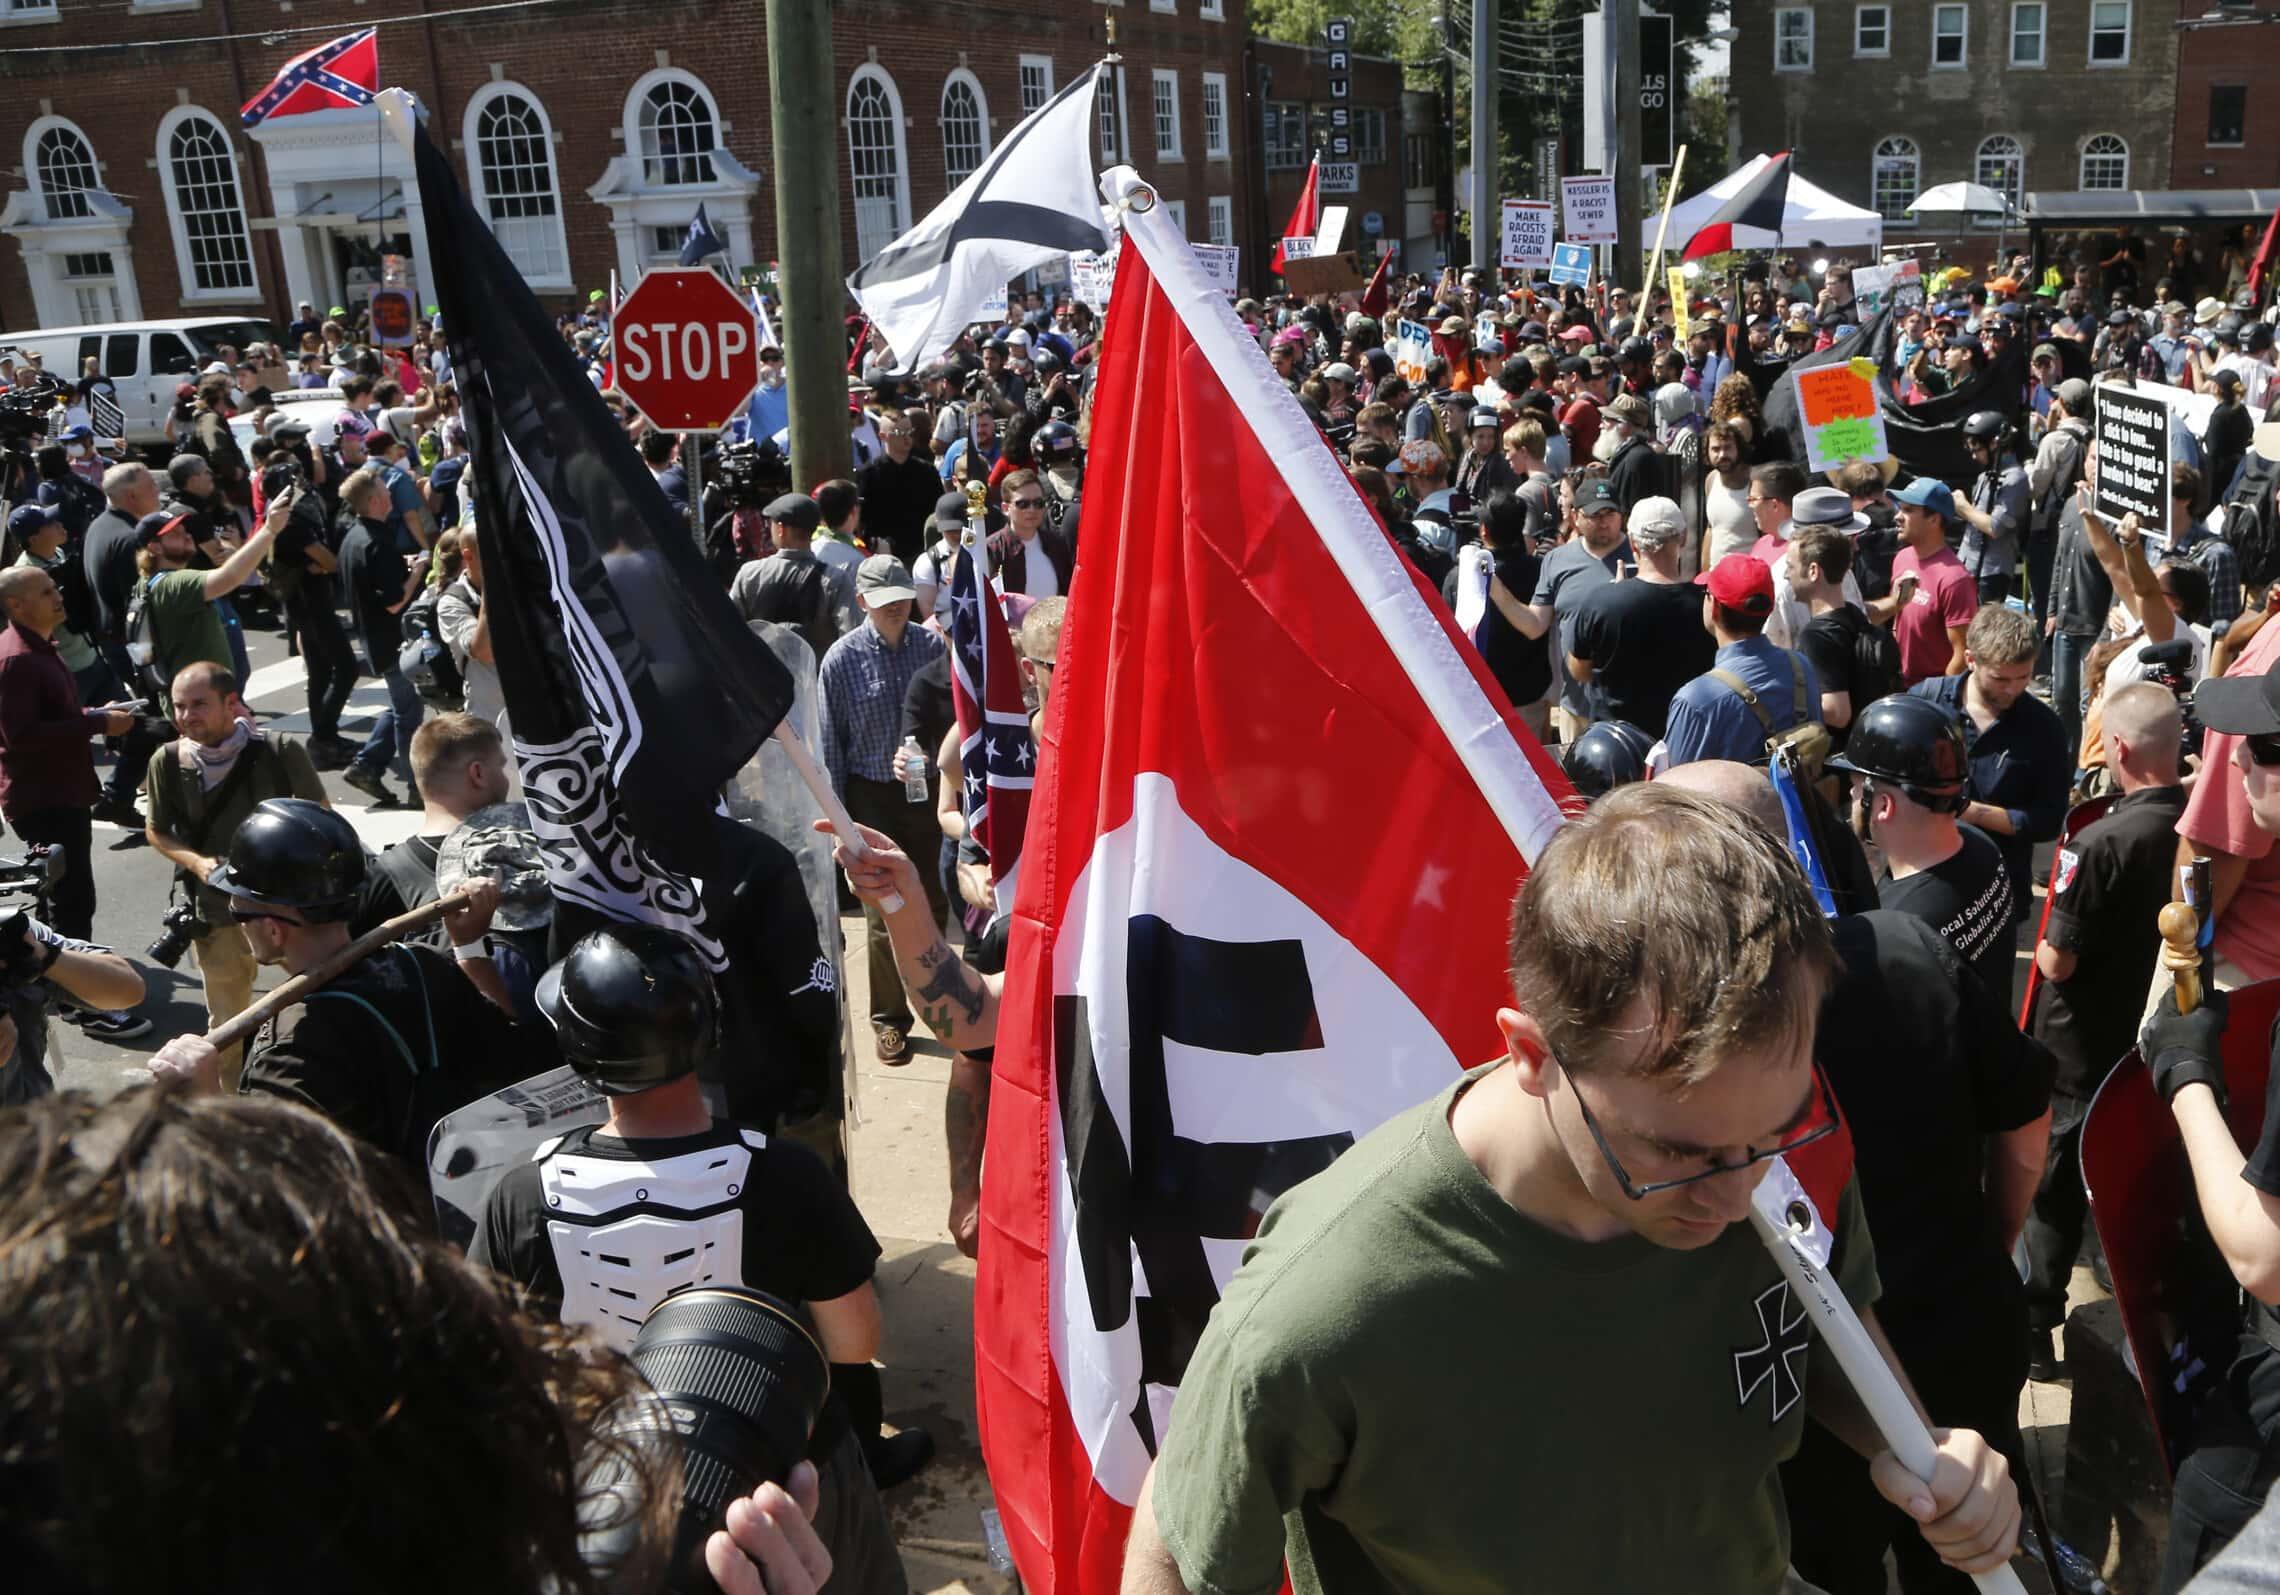 צלב קרס בהפגנה בשרלוטסוויל, 8 ביולי 2017 (צילום: AP Photo/Steve Helber)